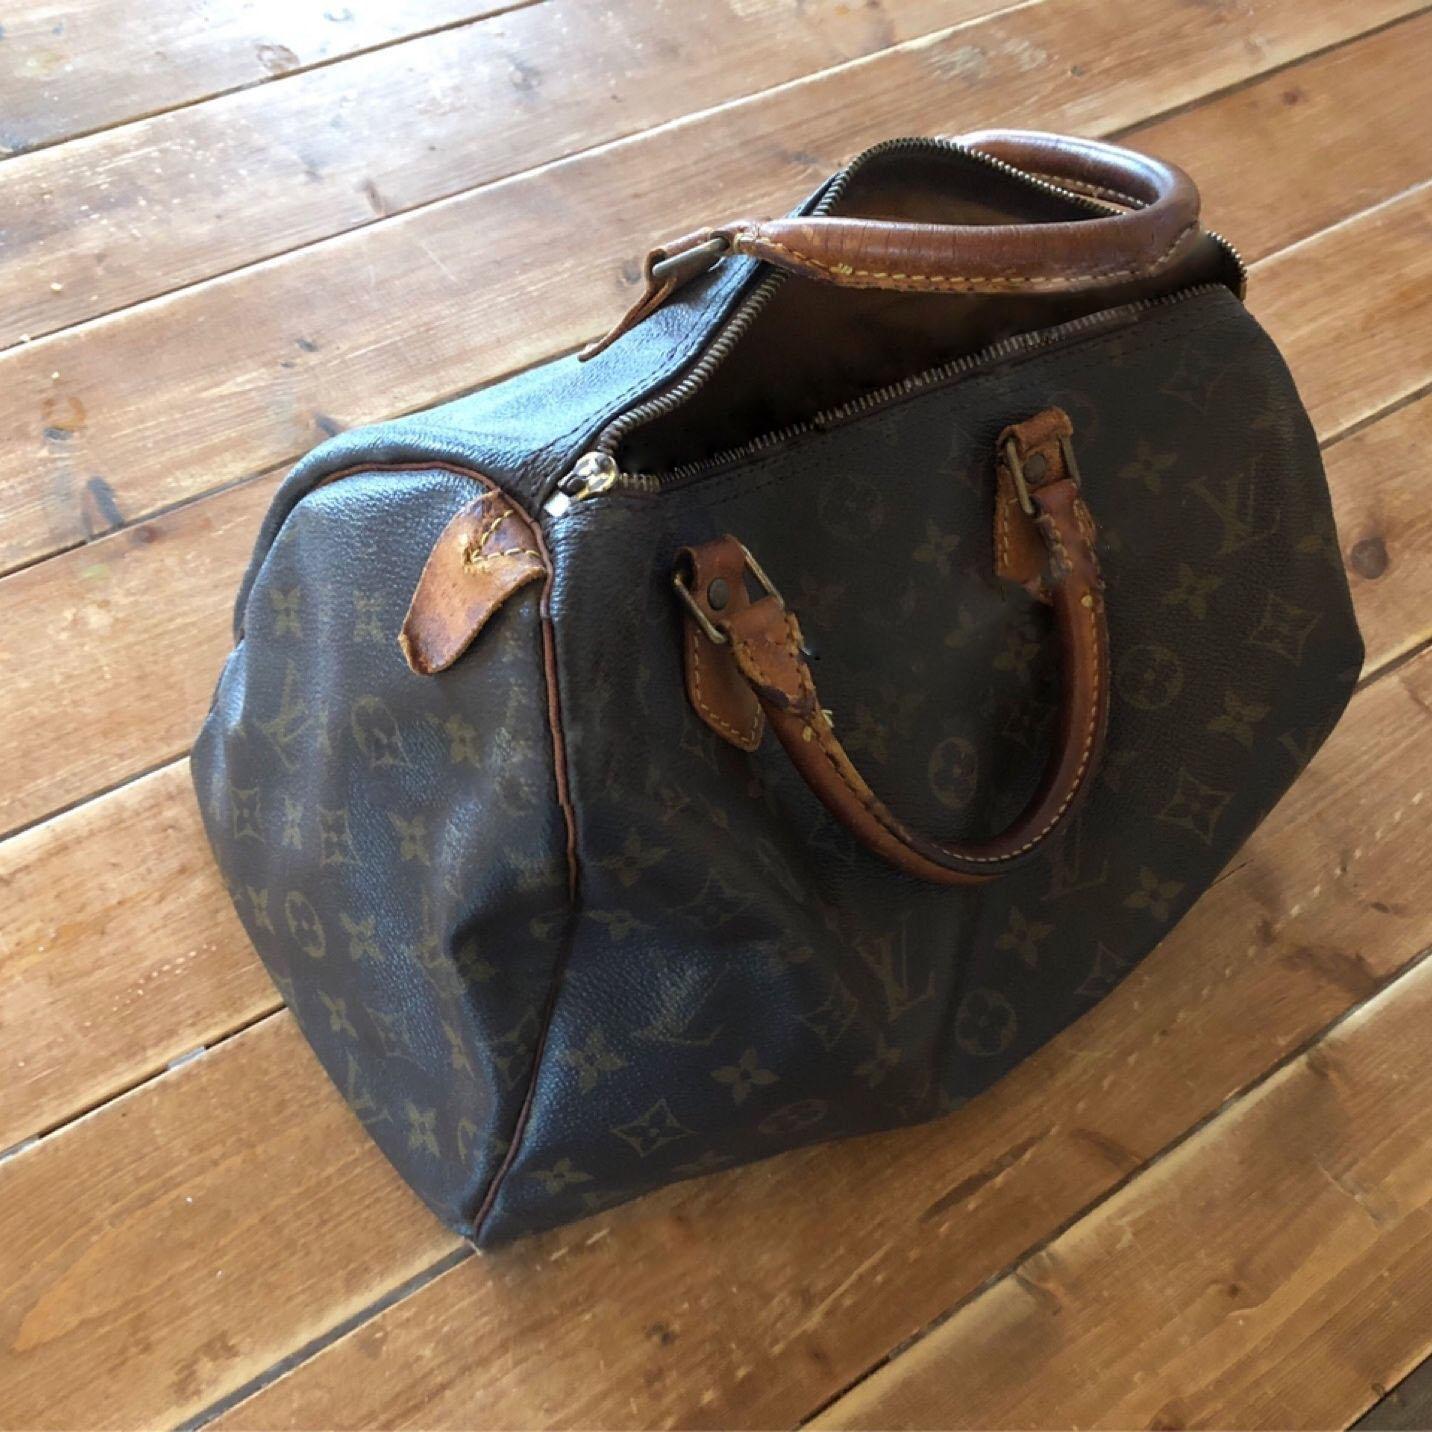 Chiếc túi cũ đã hỏng khóa và mục tay cầm